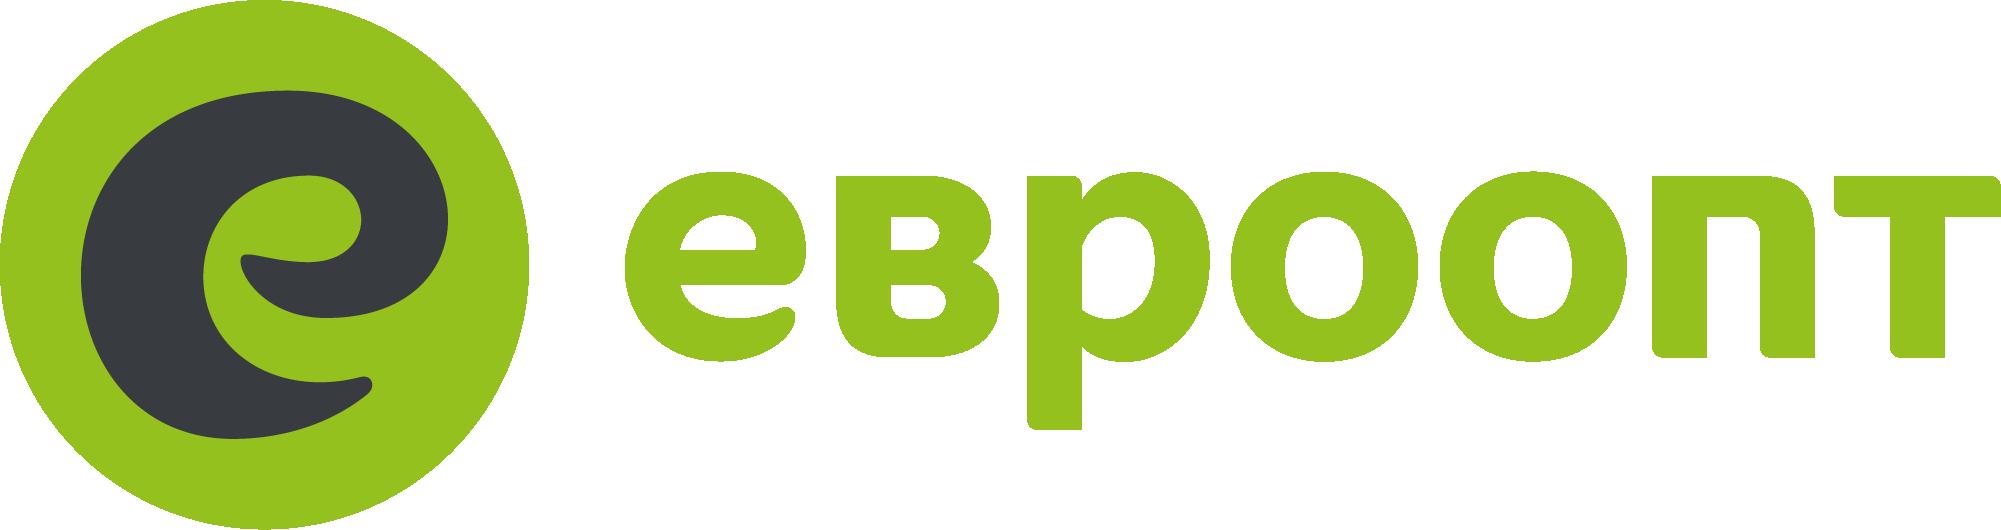 Evroopt